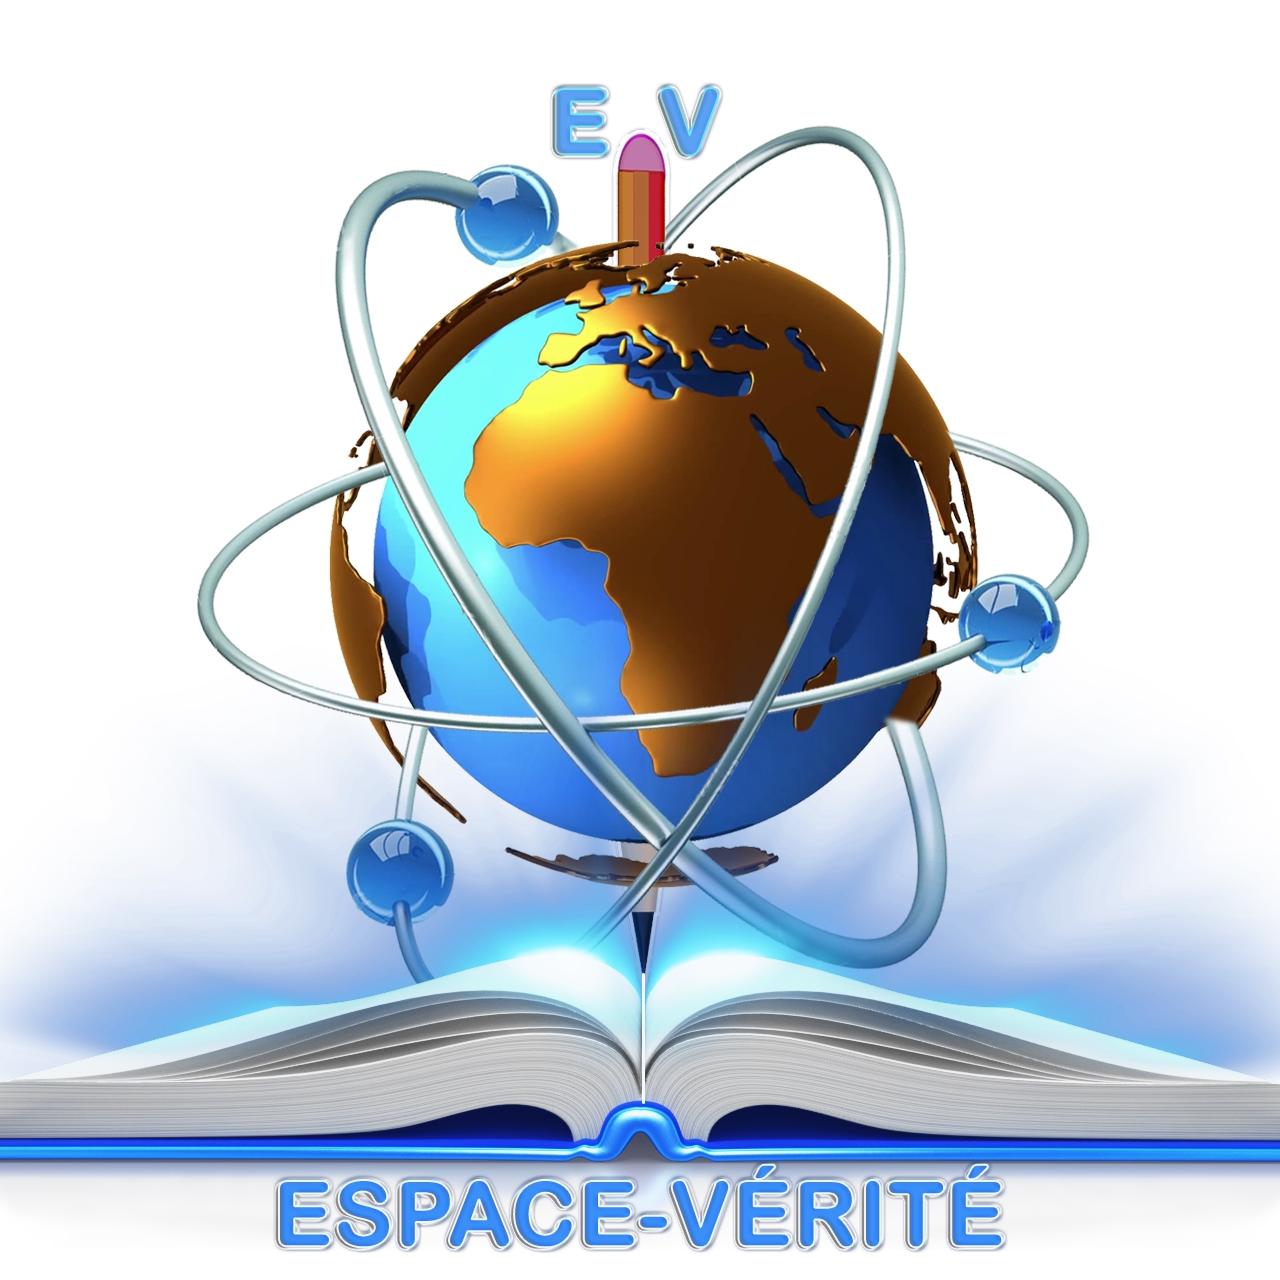 Espace-Verite